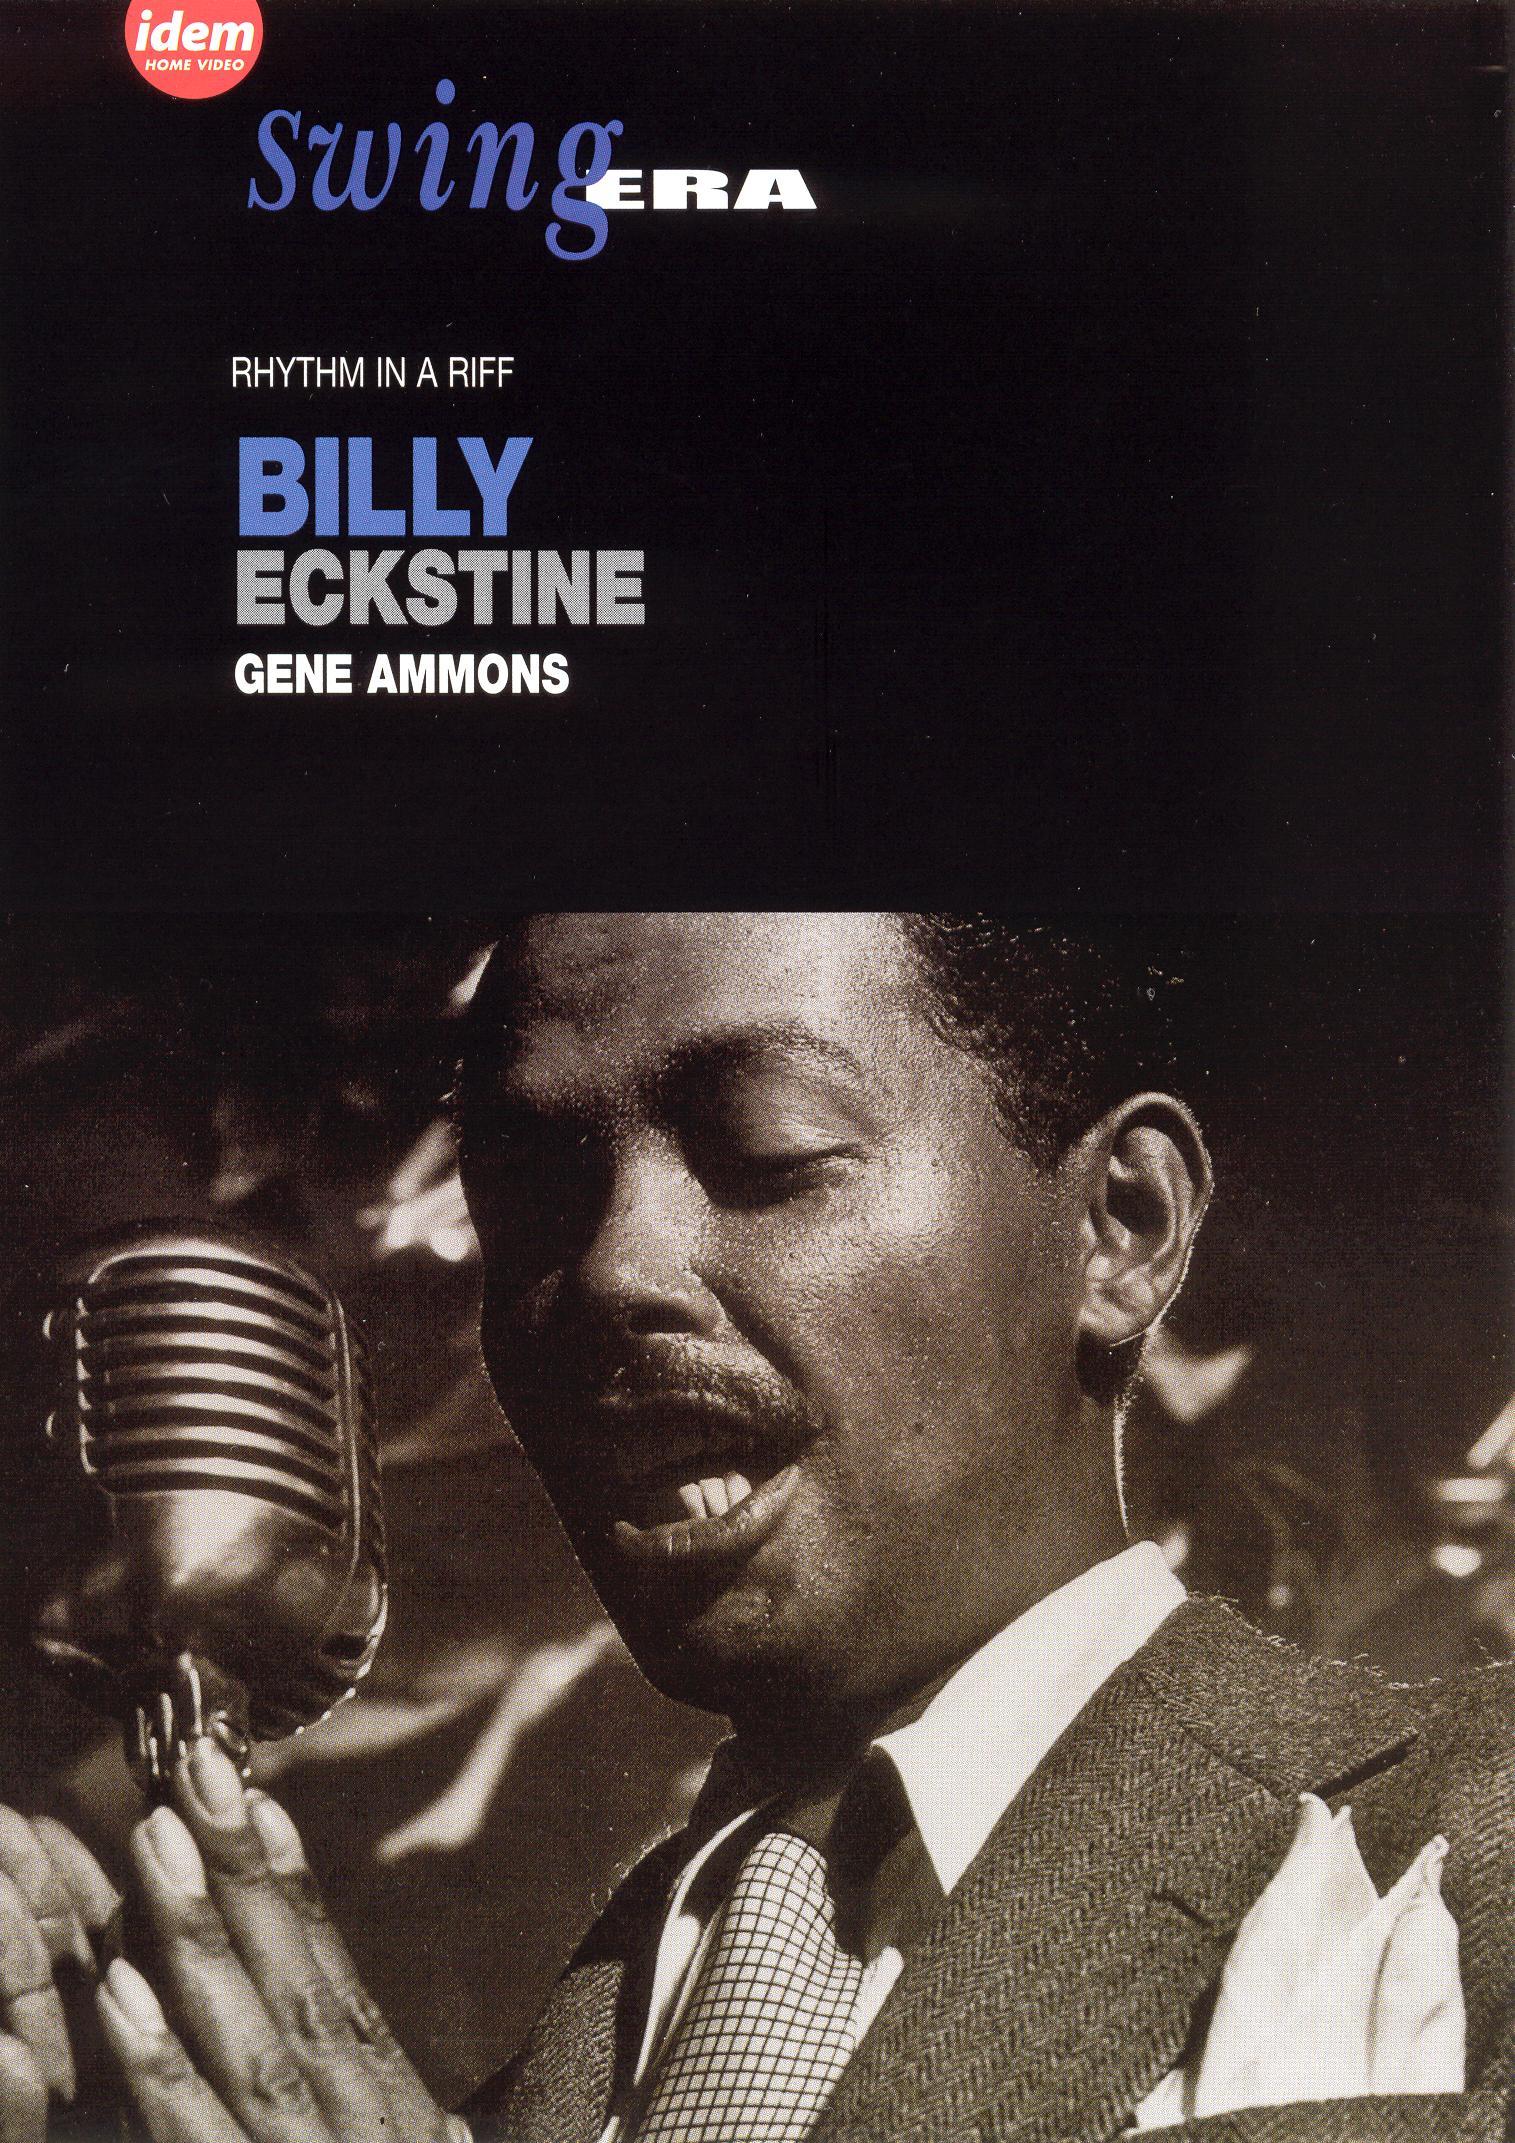 Swing Era: Billy Eckstine/Gene Ammons - Rhythm in a Riff